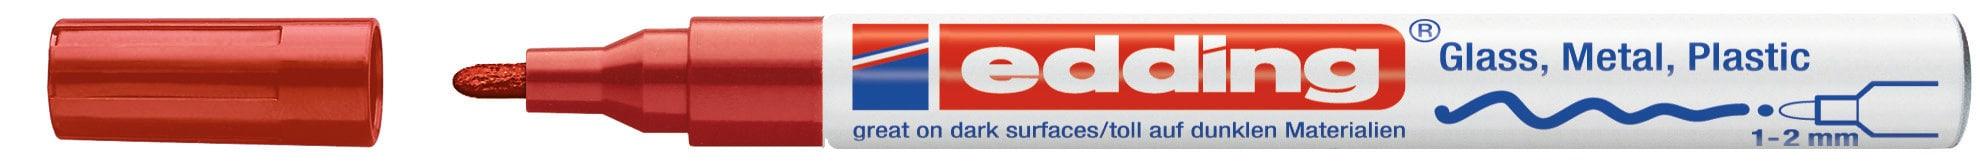 Edding edding marcatore 751 CREA